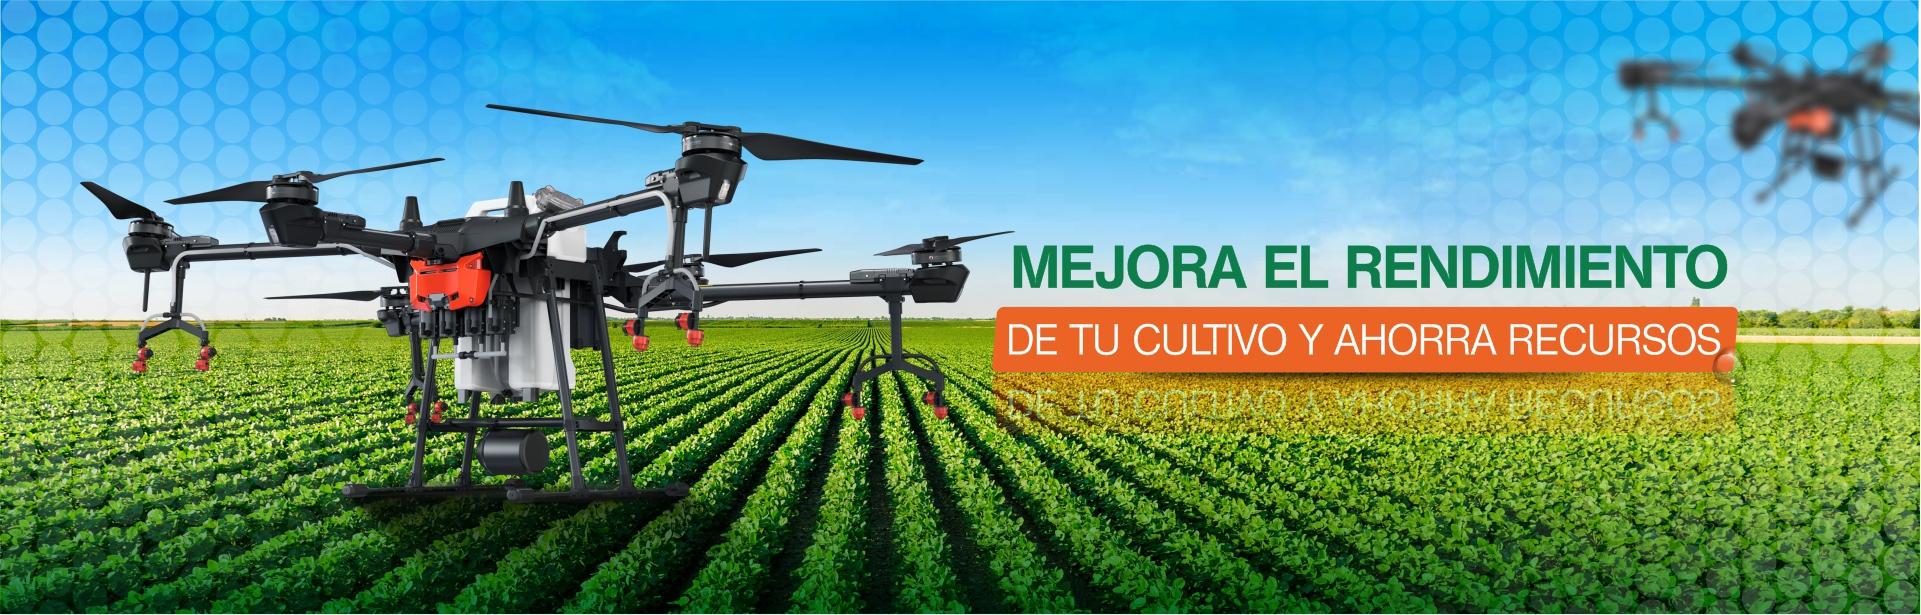 Mejor-rendimiento-cultivo-riego-algacell-dron2